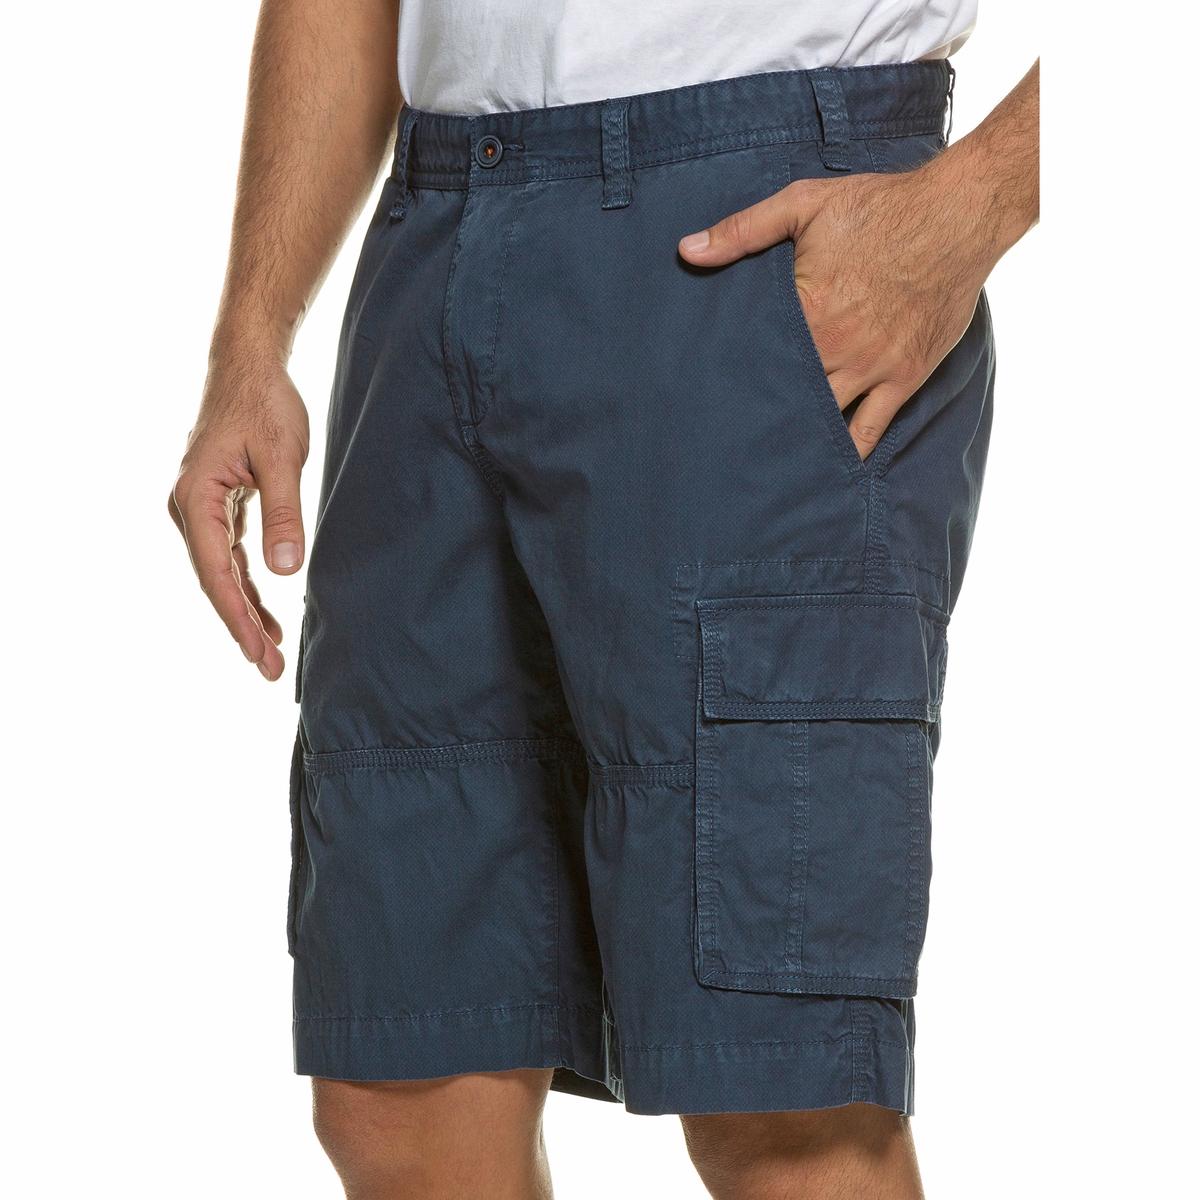 БермудыБермуды карго JP1880. Ультра комфортный покрой, рисунок JP1880 на внутренней поверхности пояса. 4 кармана и 2 дополнительных кармана на бедрах. 100% хлопок. Длина по внутр.шву. 30-30,75 см<br><br>Цвет: синий